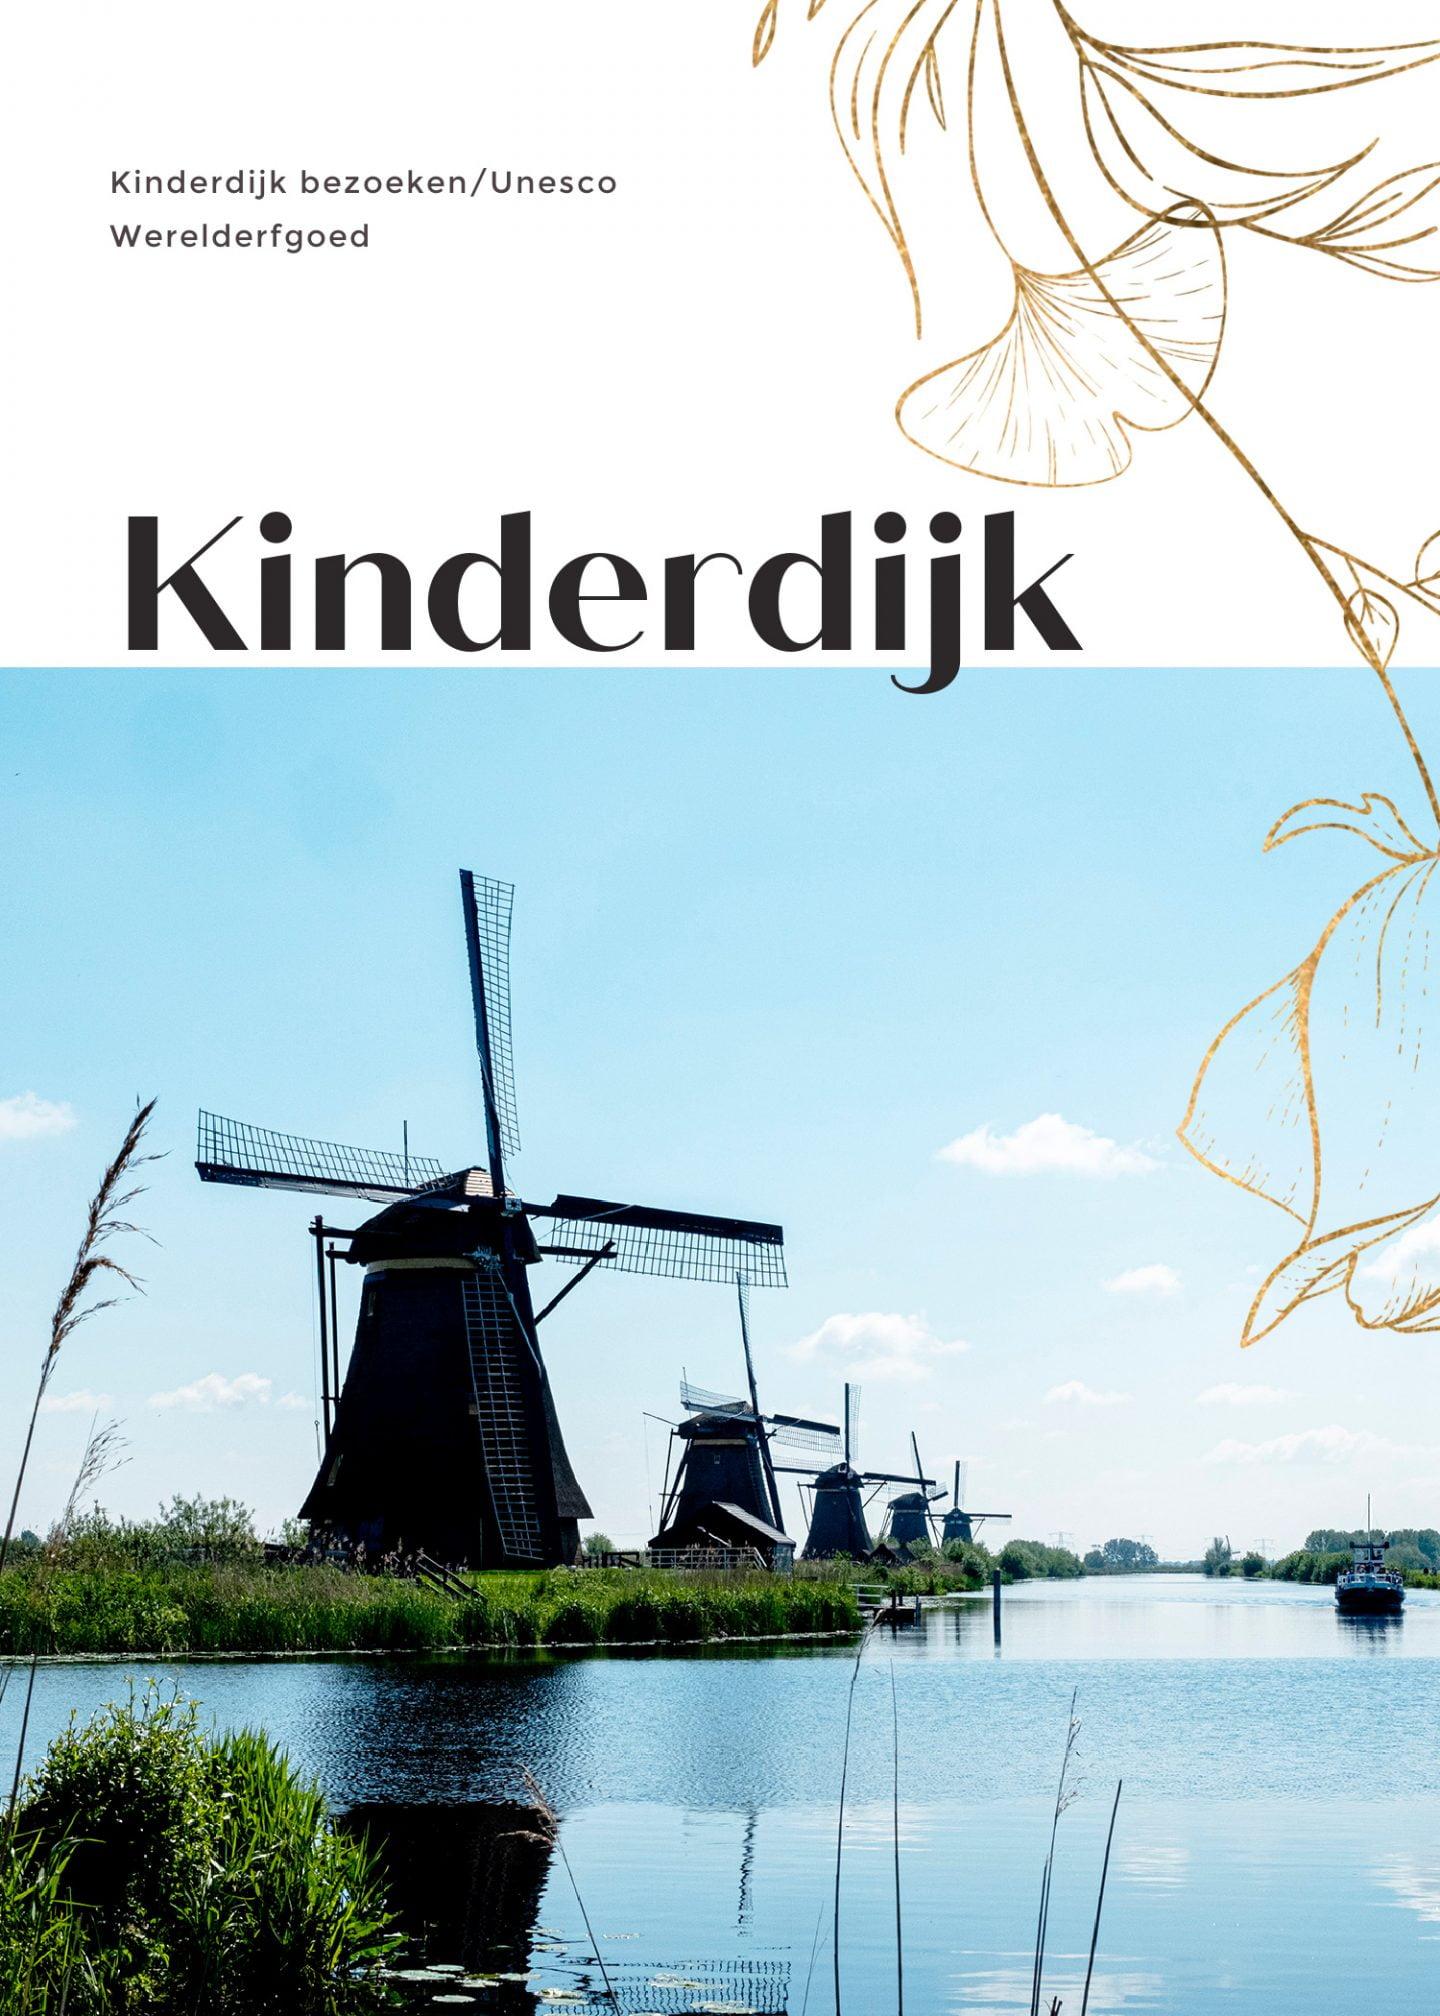 Kinderdijk bezoeken/Unesco Werelderfgoed